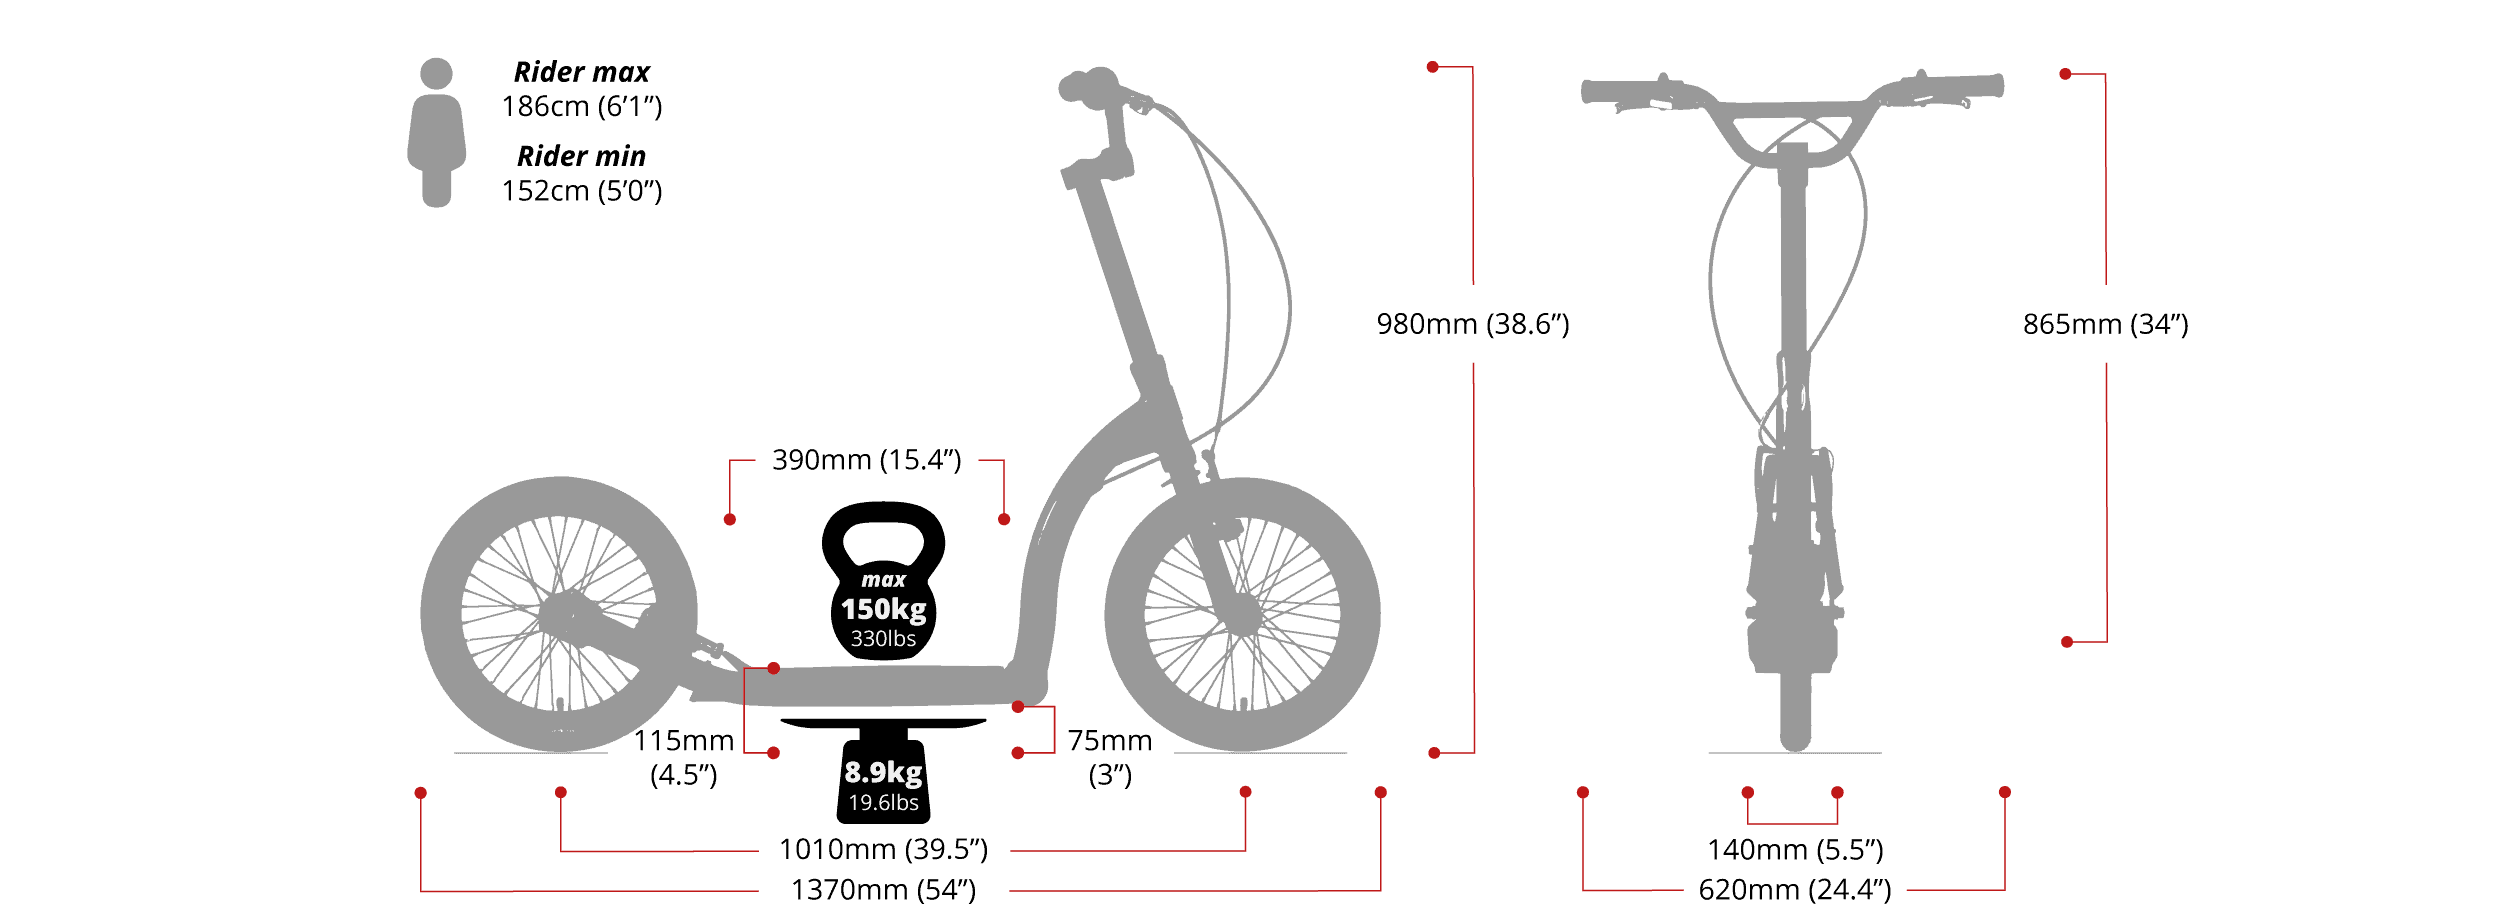 Swifty-Air-Maße-Größe-Länge